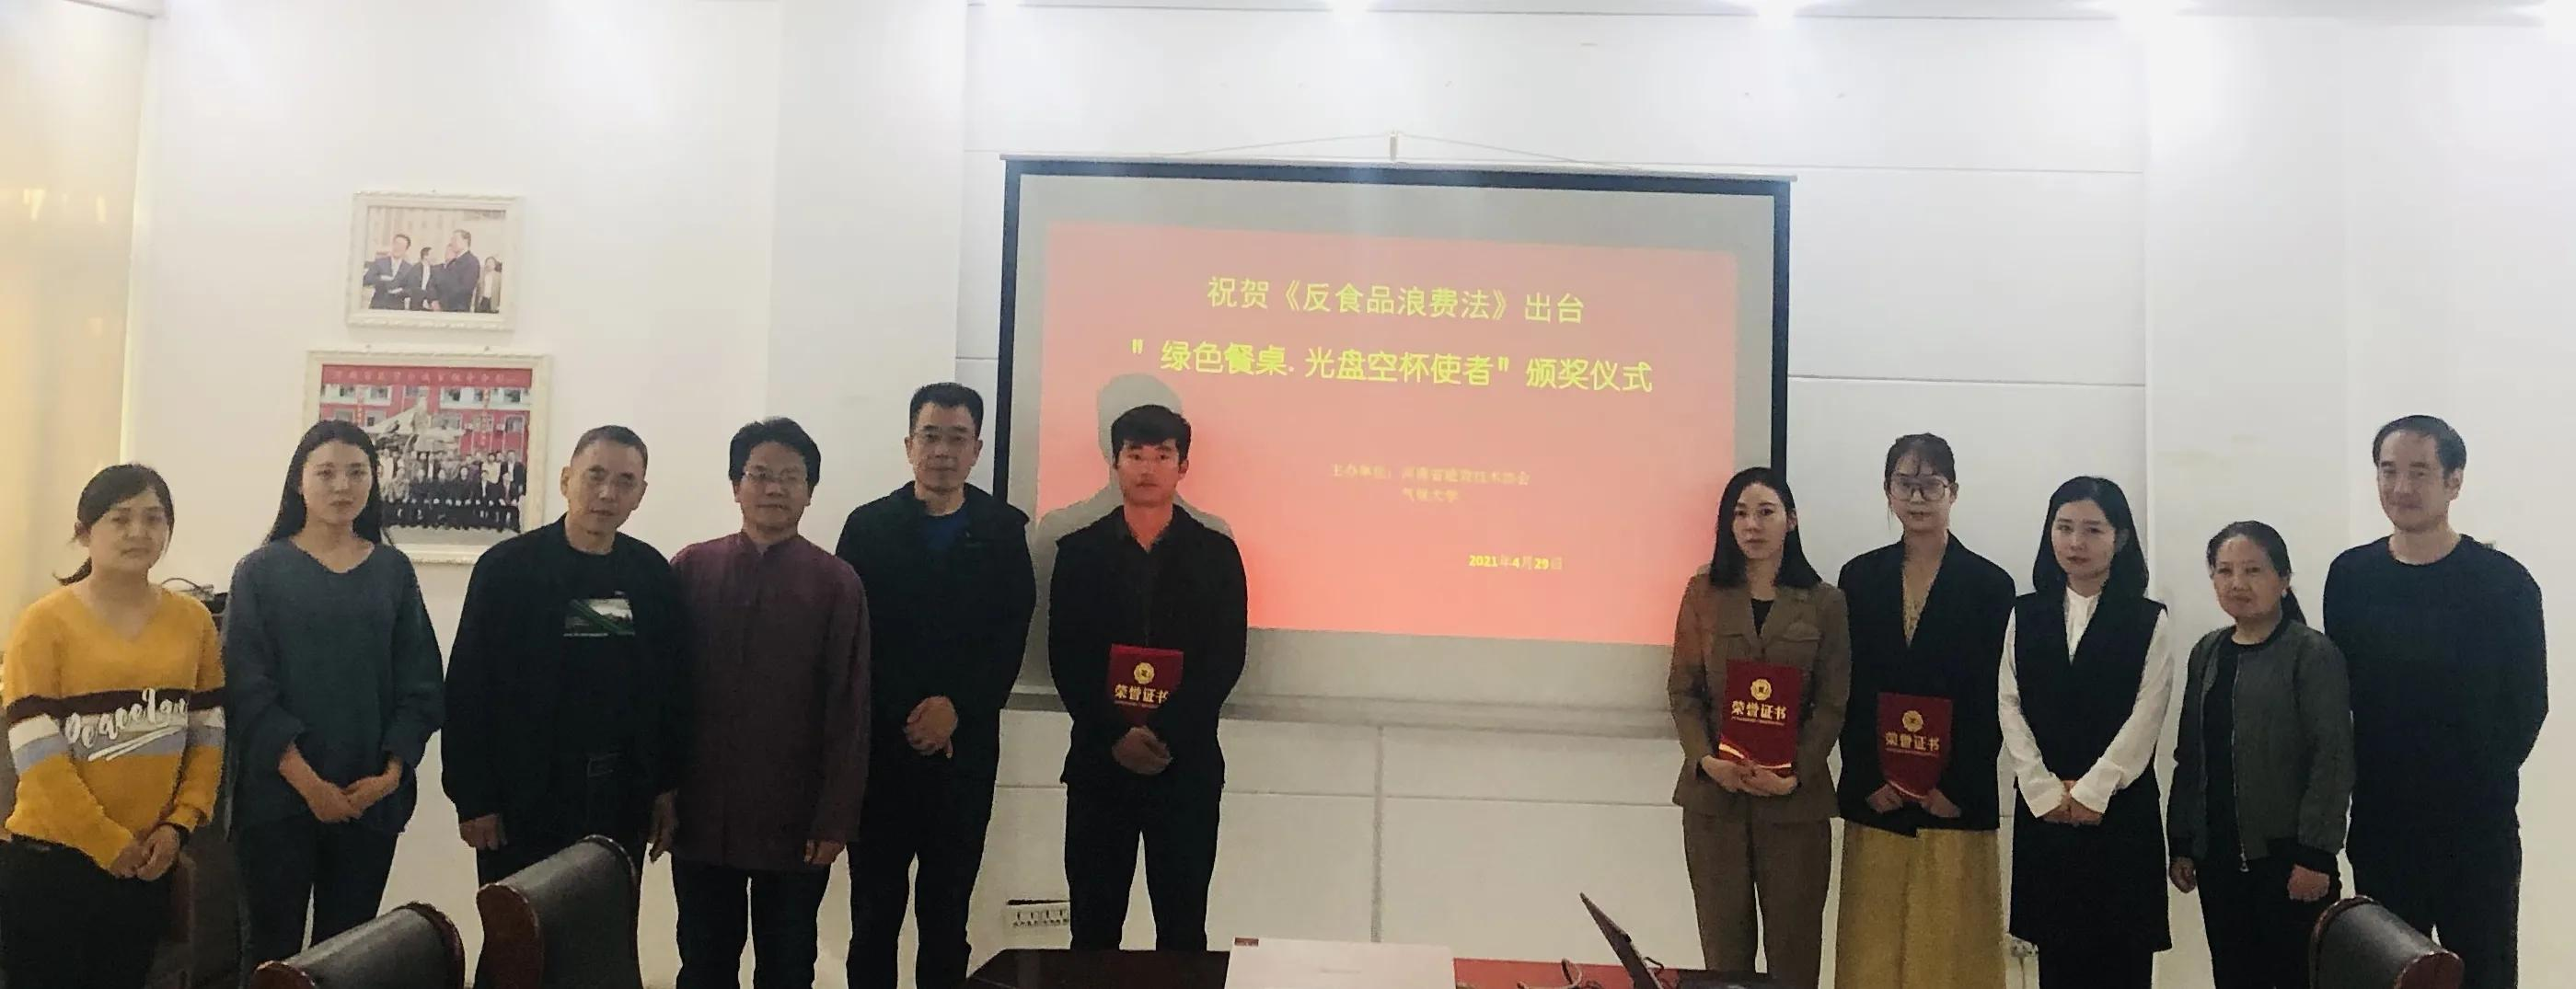 """庆祝反食品浪费法出台,郑州双零楼举行""""绿色餐桌""""主题活动"""